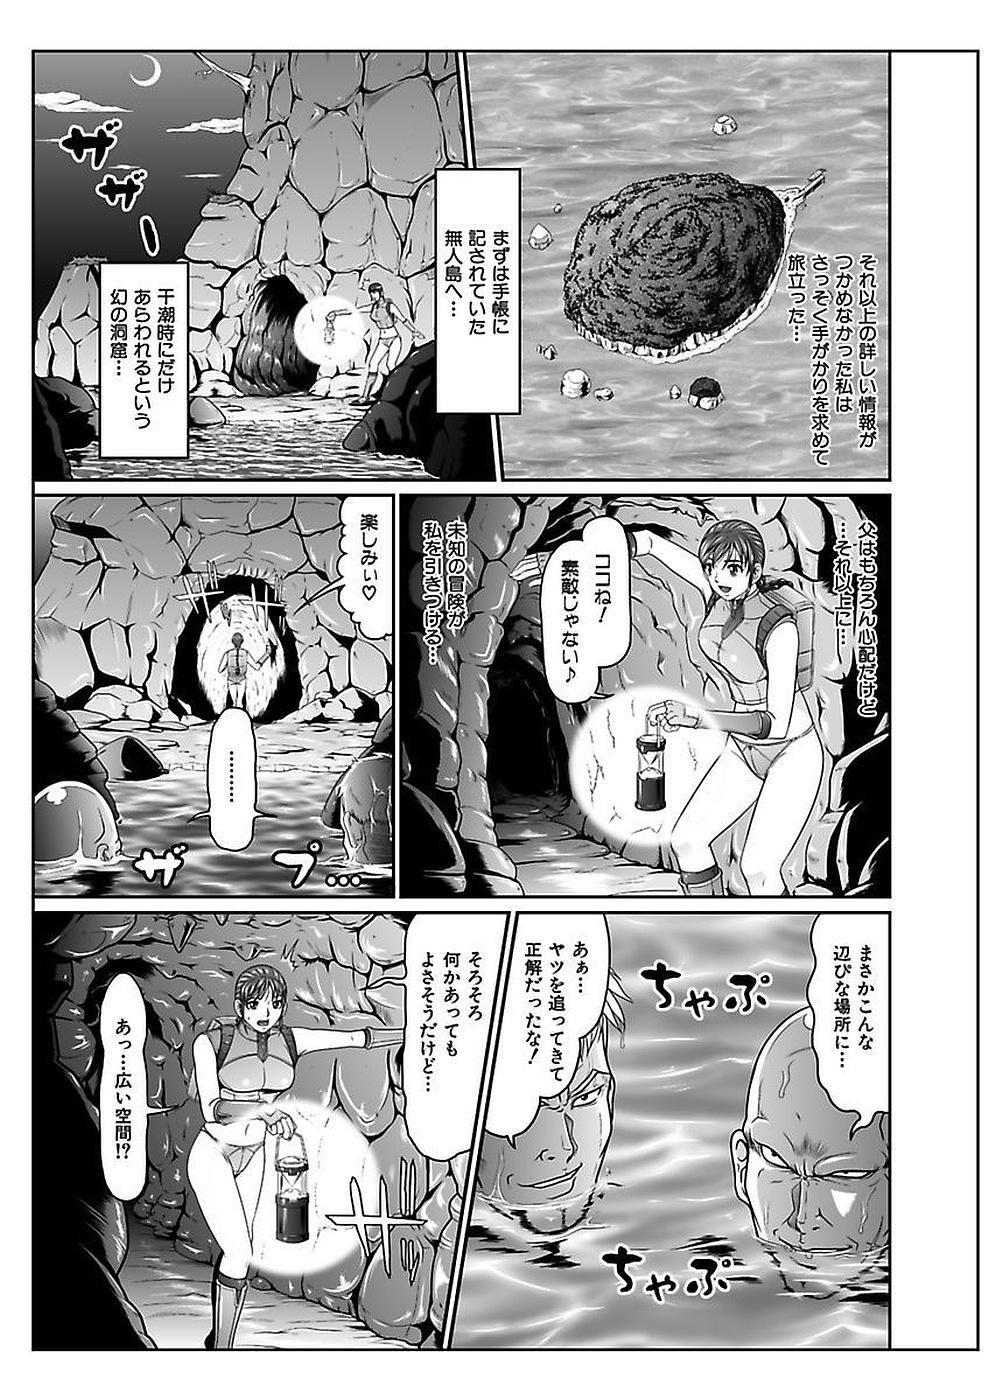 [Kurono Masakado] Dengeki Zecchou! Hihoujima ~Chikyuu no Oku ni Sasowarete~ Joukan 4